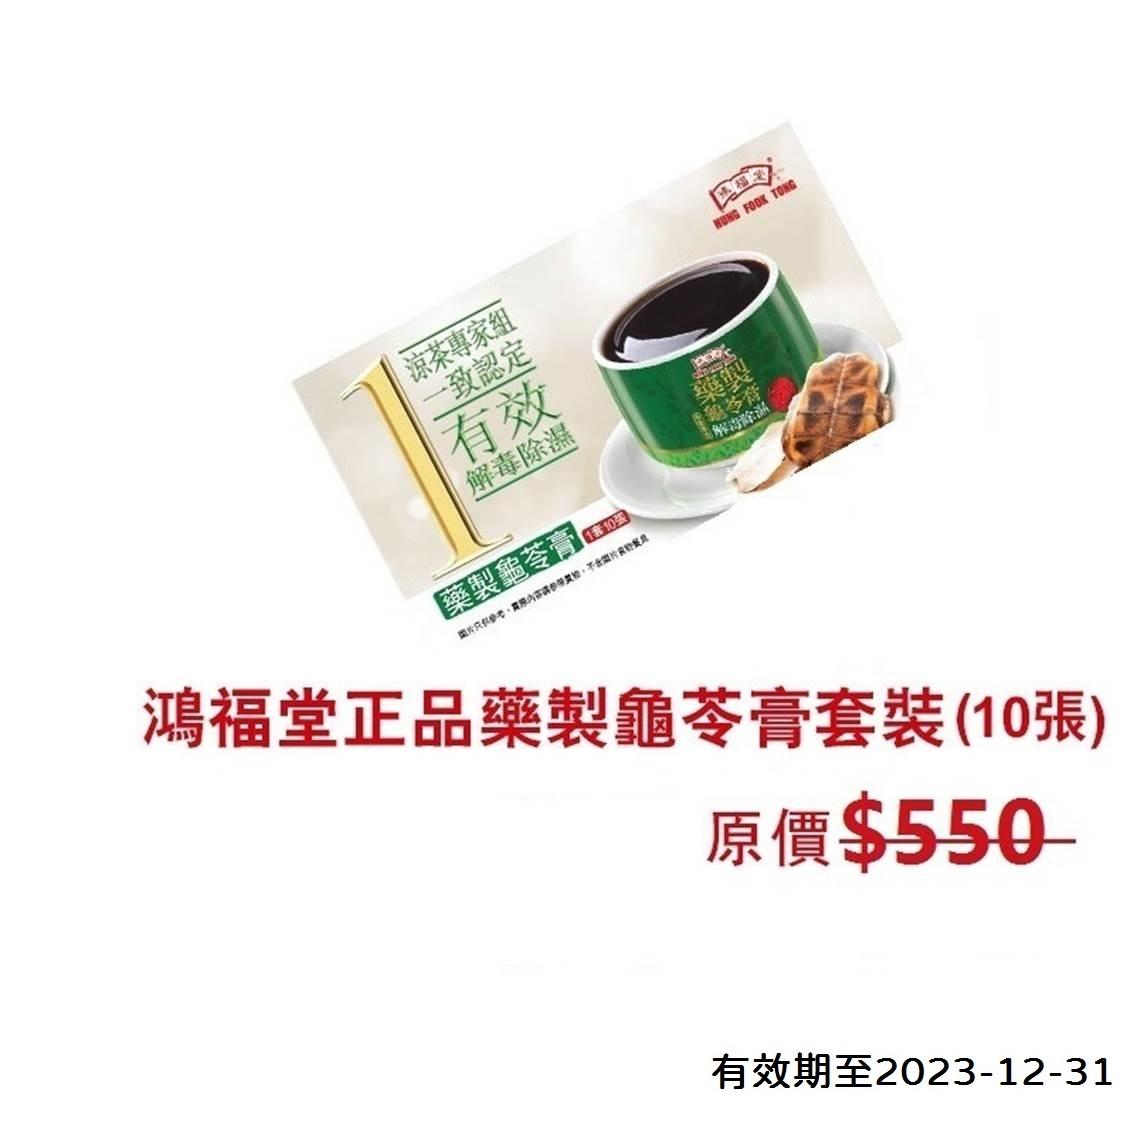 鴻福堂正品藥製龜苓膏套票(共10 張)  *禮券將與其他貨品分開發貨及通知取貨